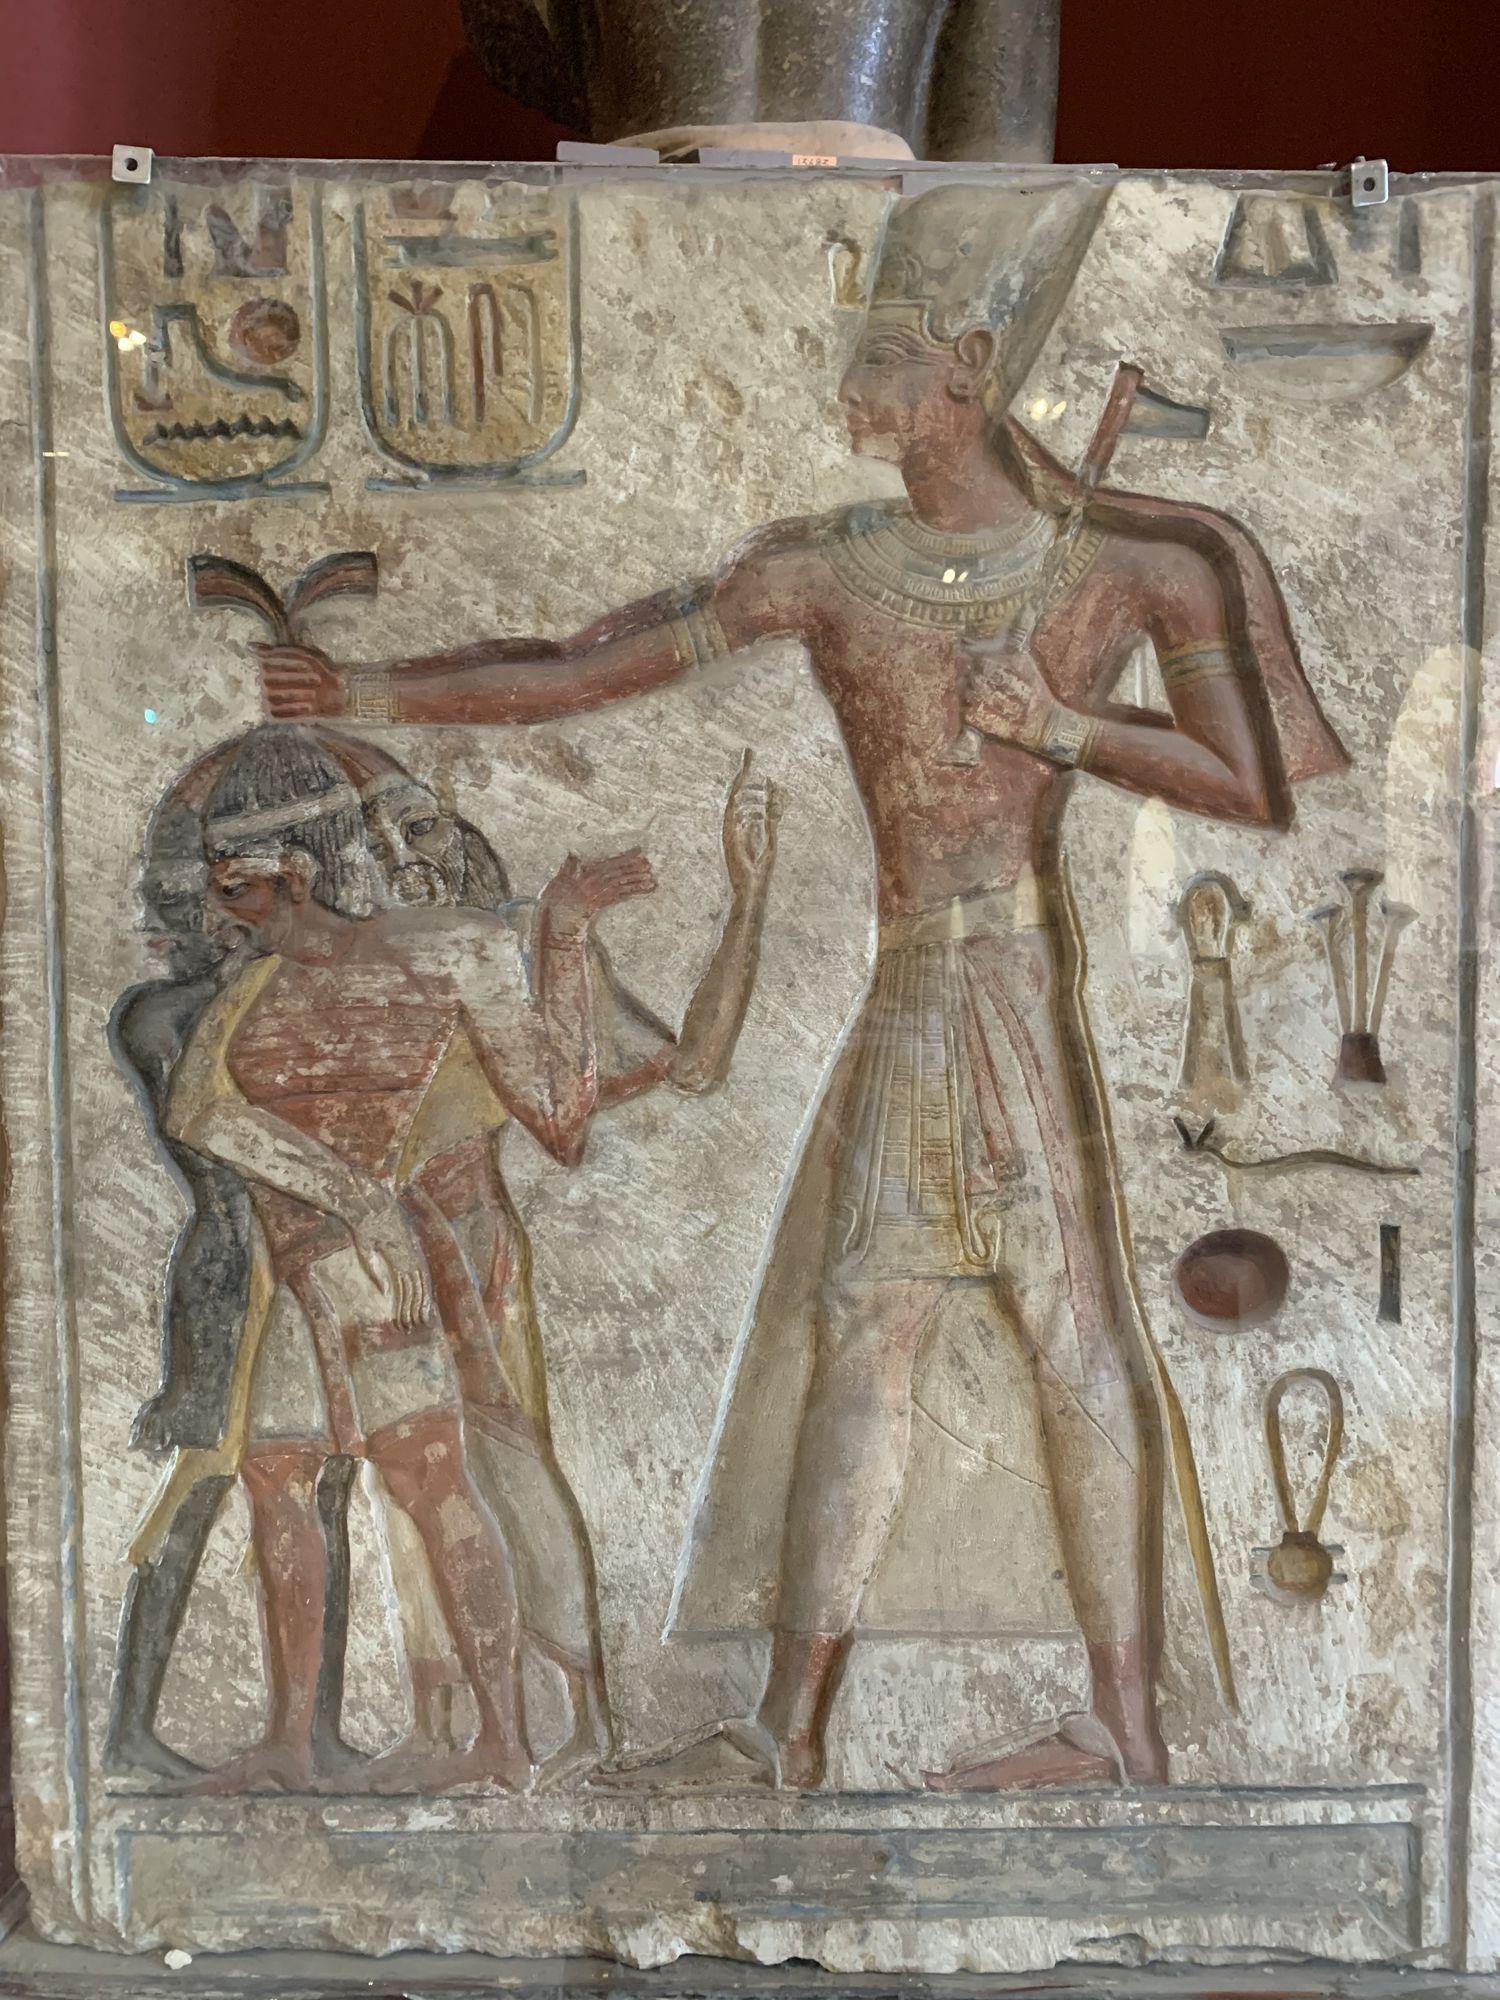 Antiguo Egipto - Museo El Cairo - Egiptología